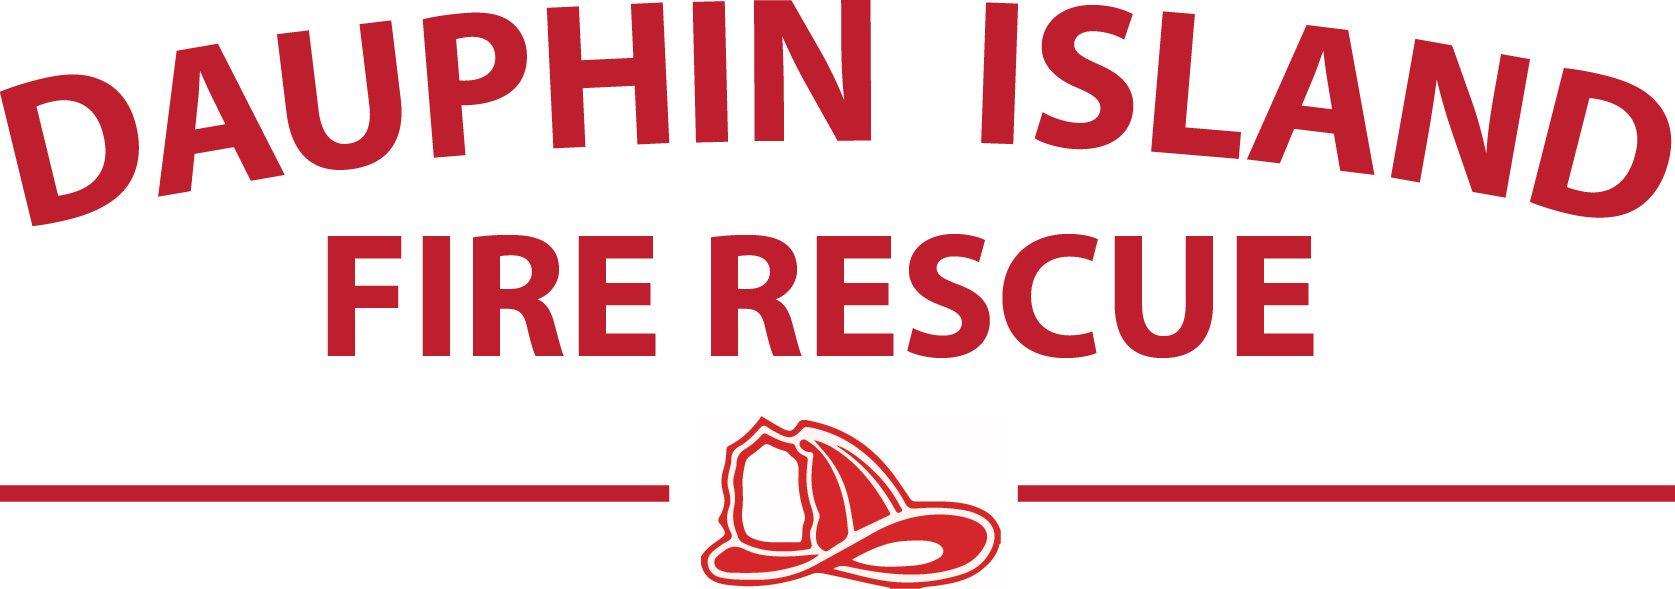 Dauphin Island Fire & Rescue